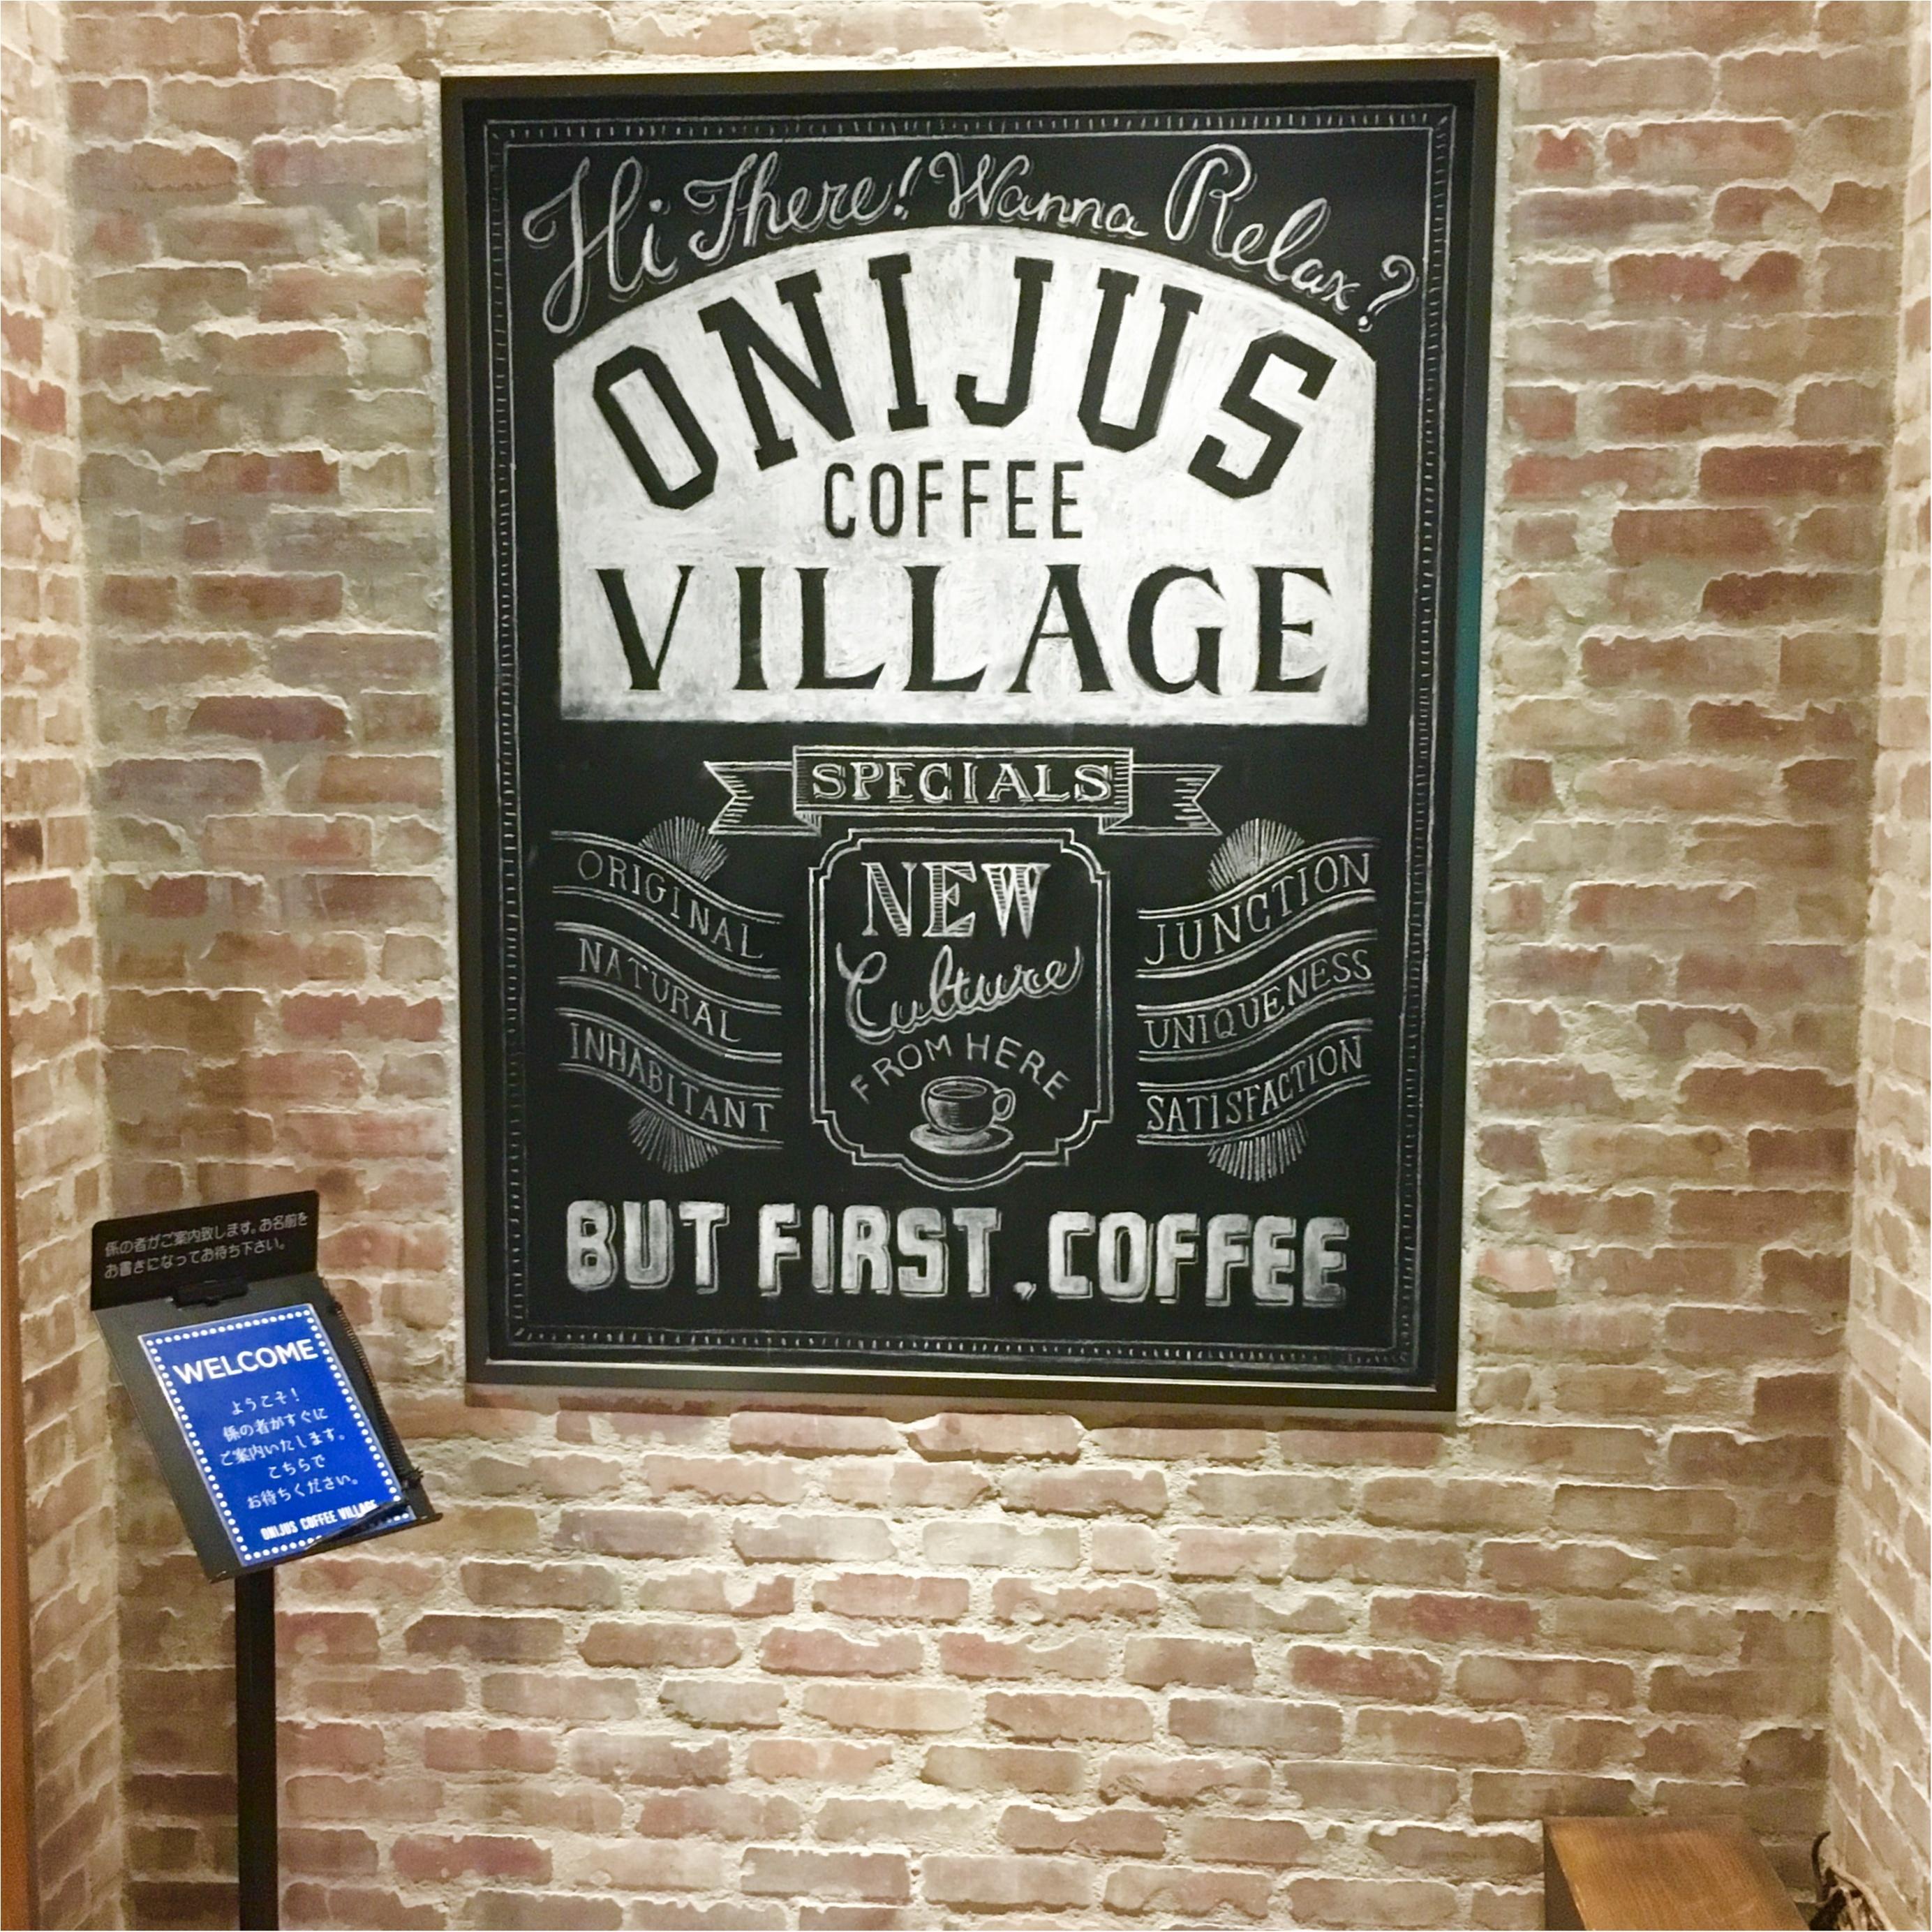 ▶︎▷まるでここだけ海外!なカフェ☺︎ONIJUS COFFEE VILLAGEに行ってきました✴︎_6